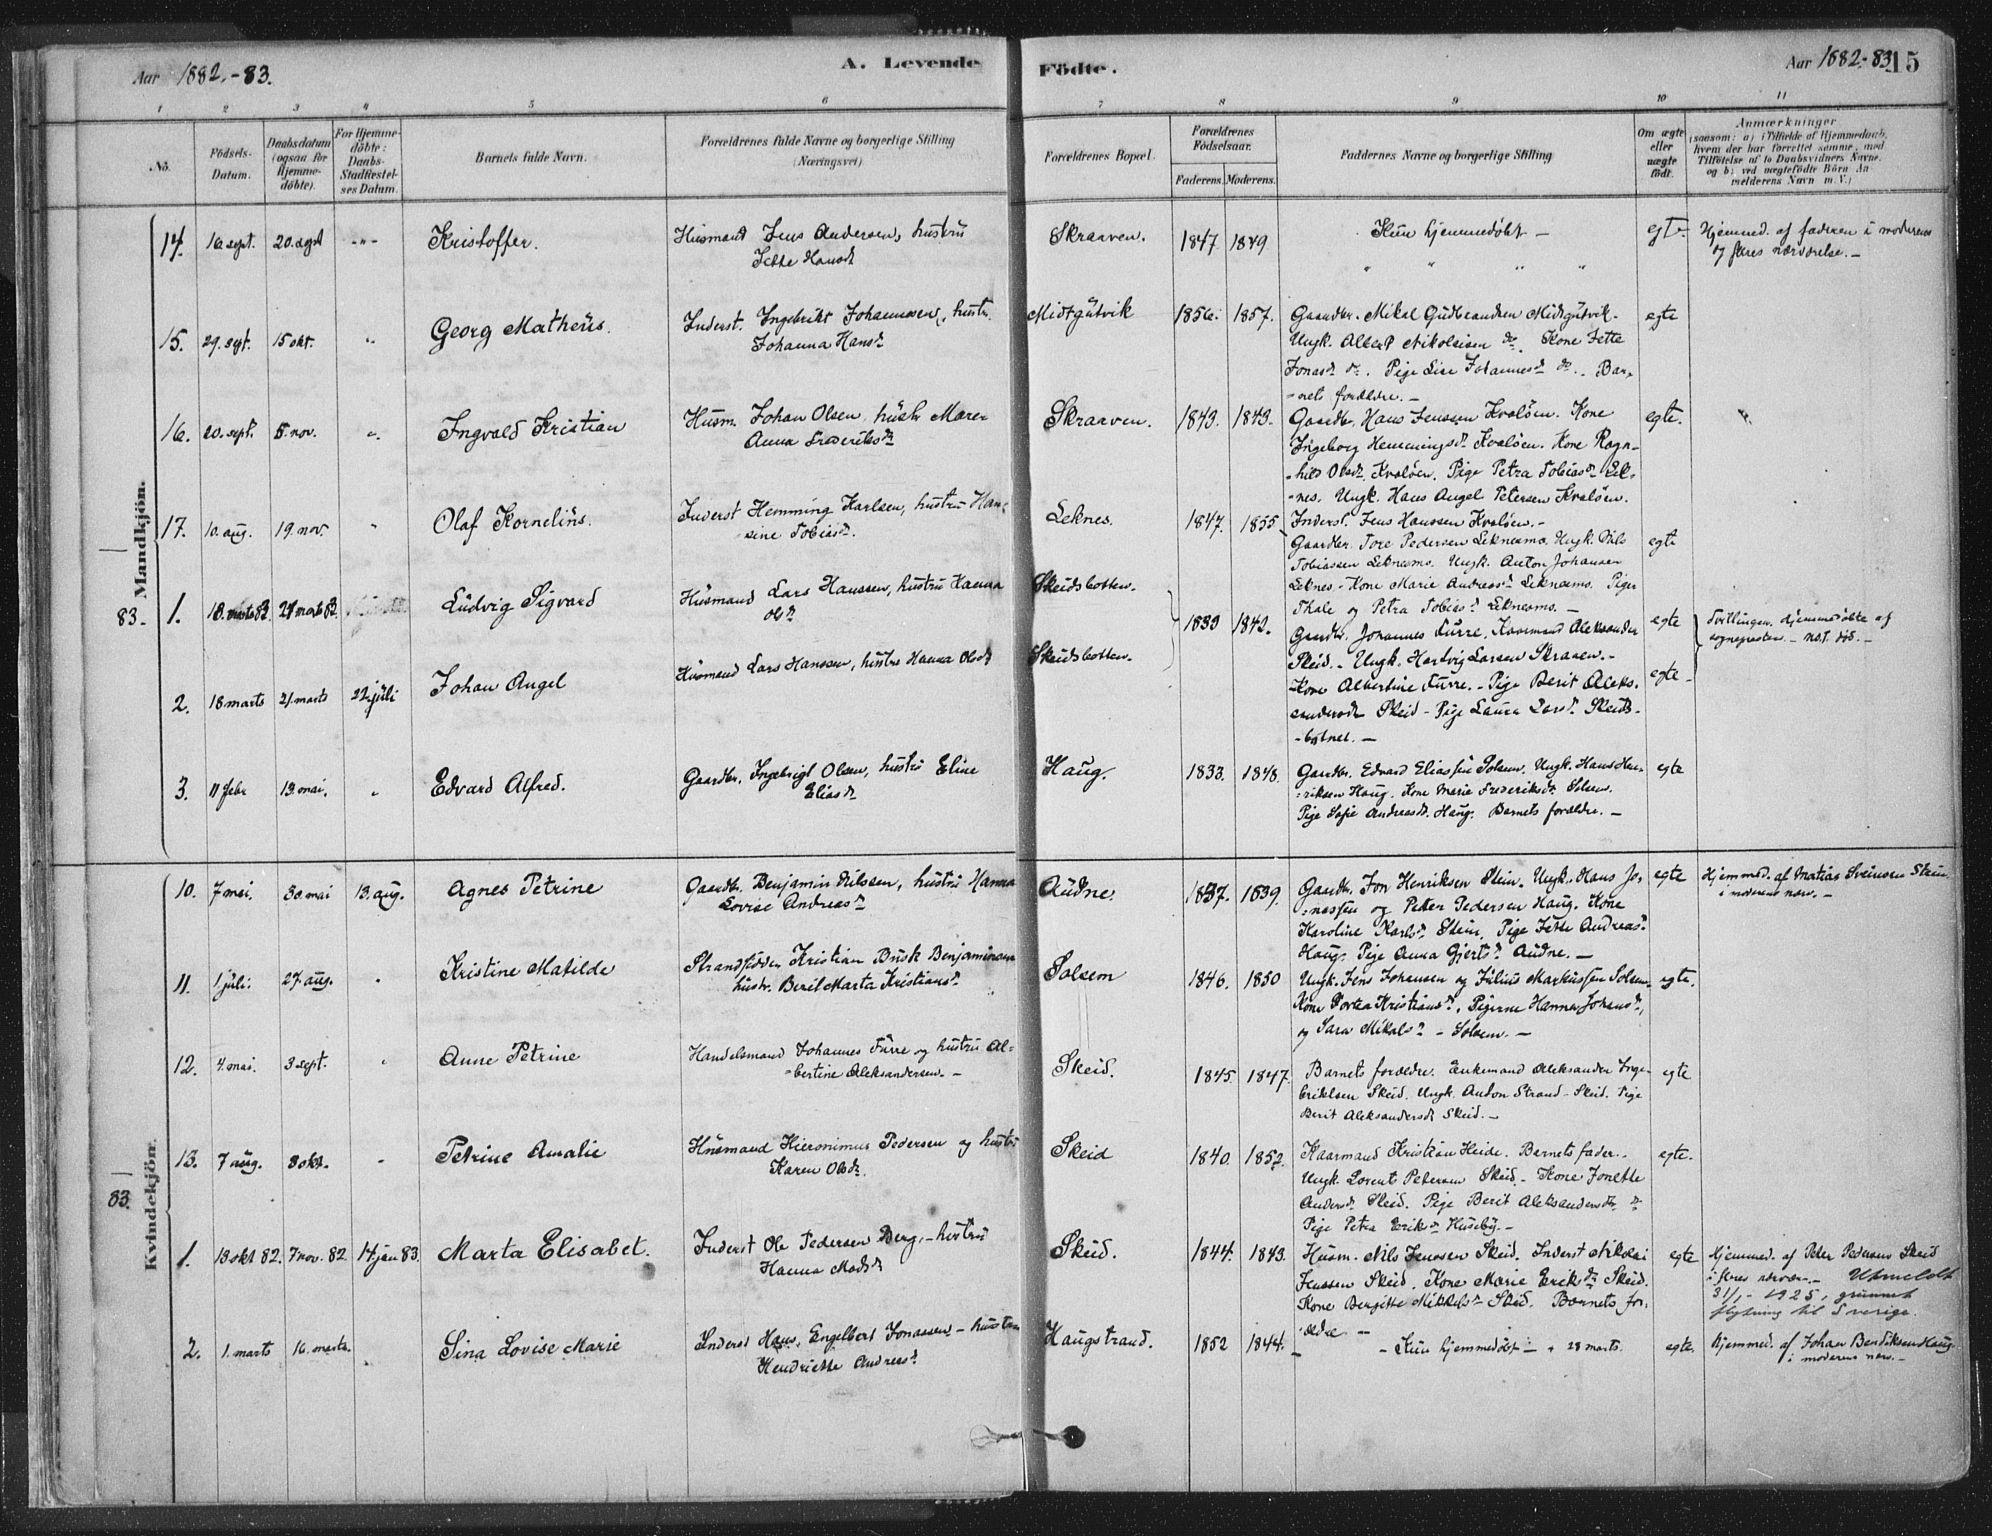 SAT, Ministerialprotokoller, klokkerbøker og fødselsregistre - Nord-Trøndelag, 788/L0697: Ministerialbok nr. 788A04, 1878-1902, s. 15